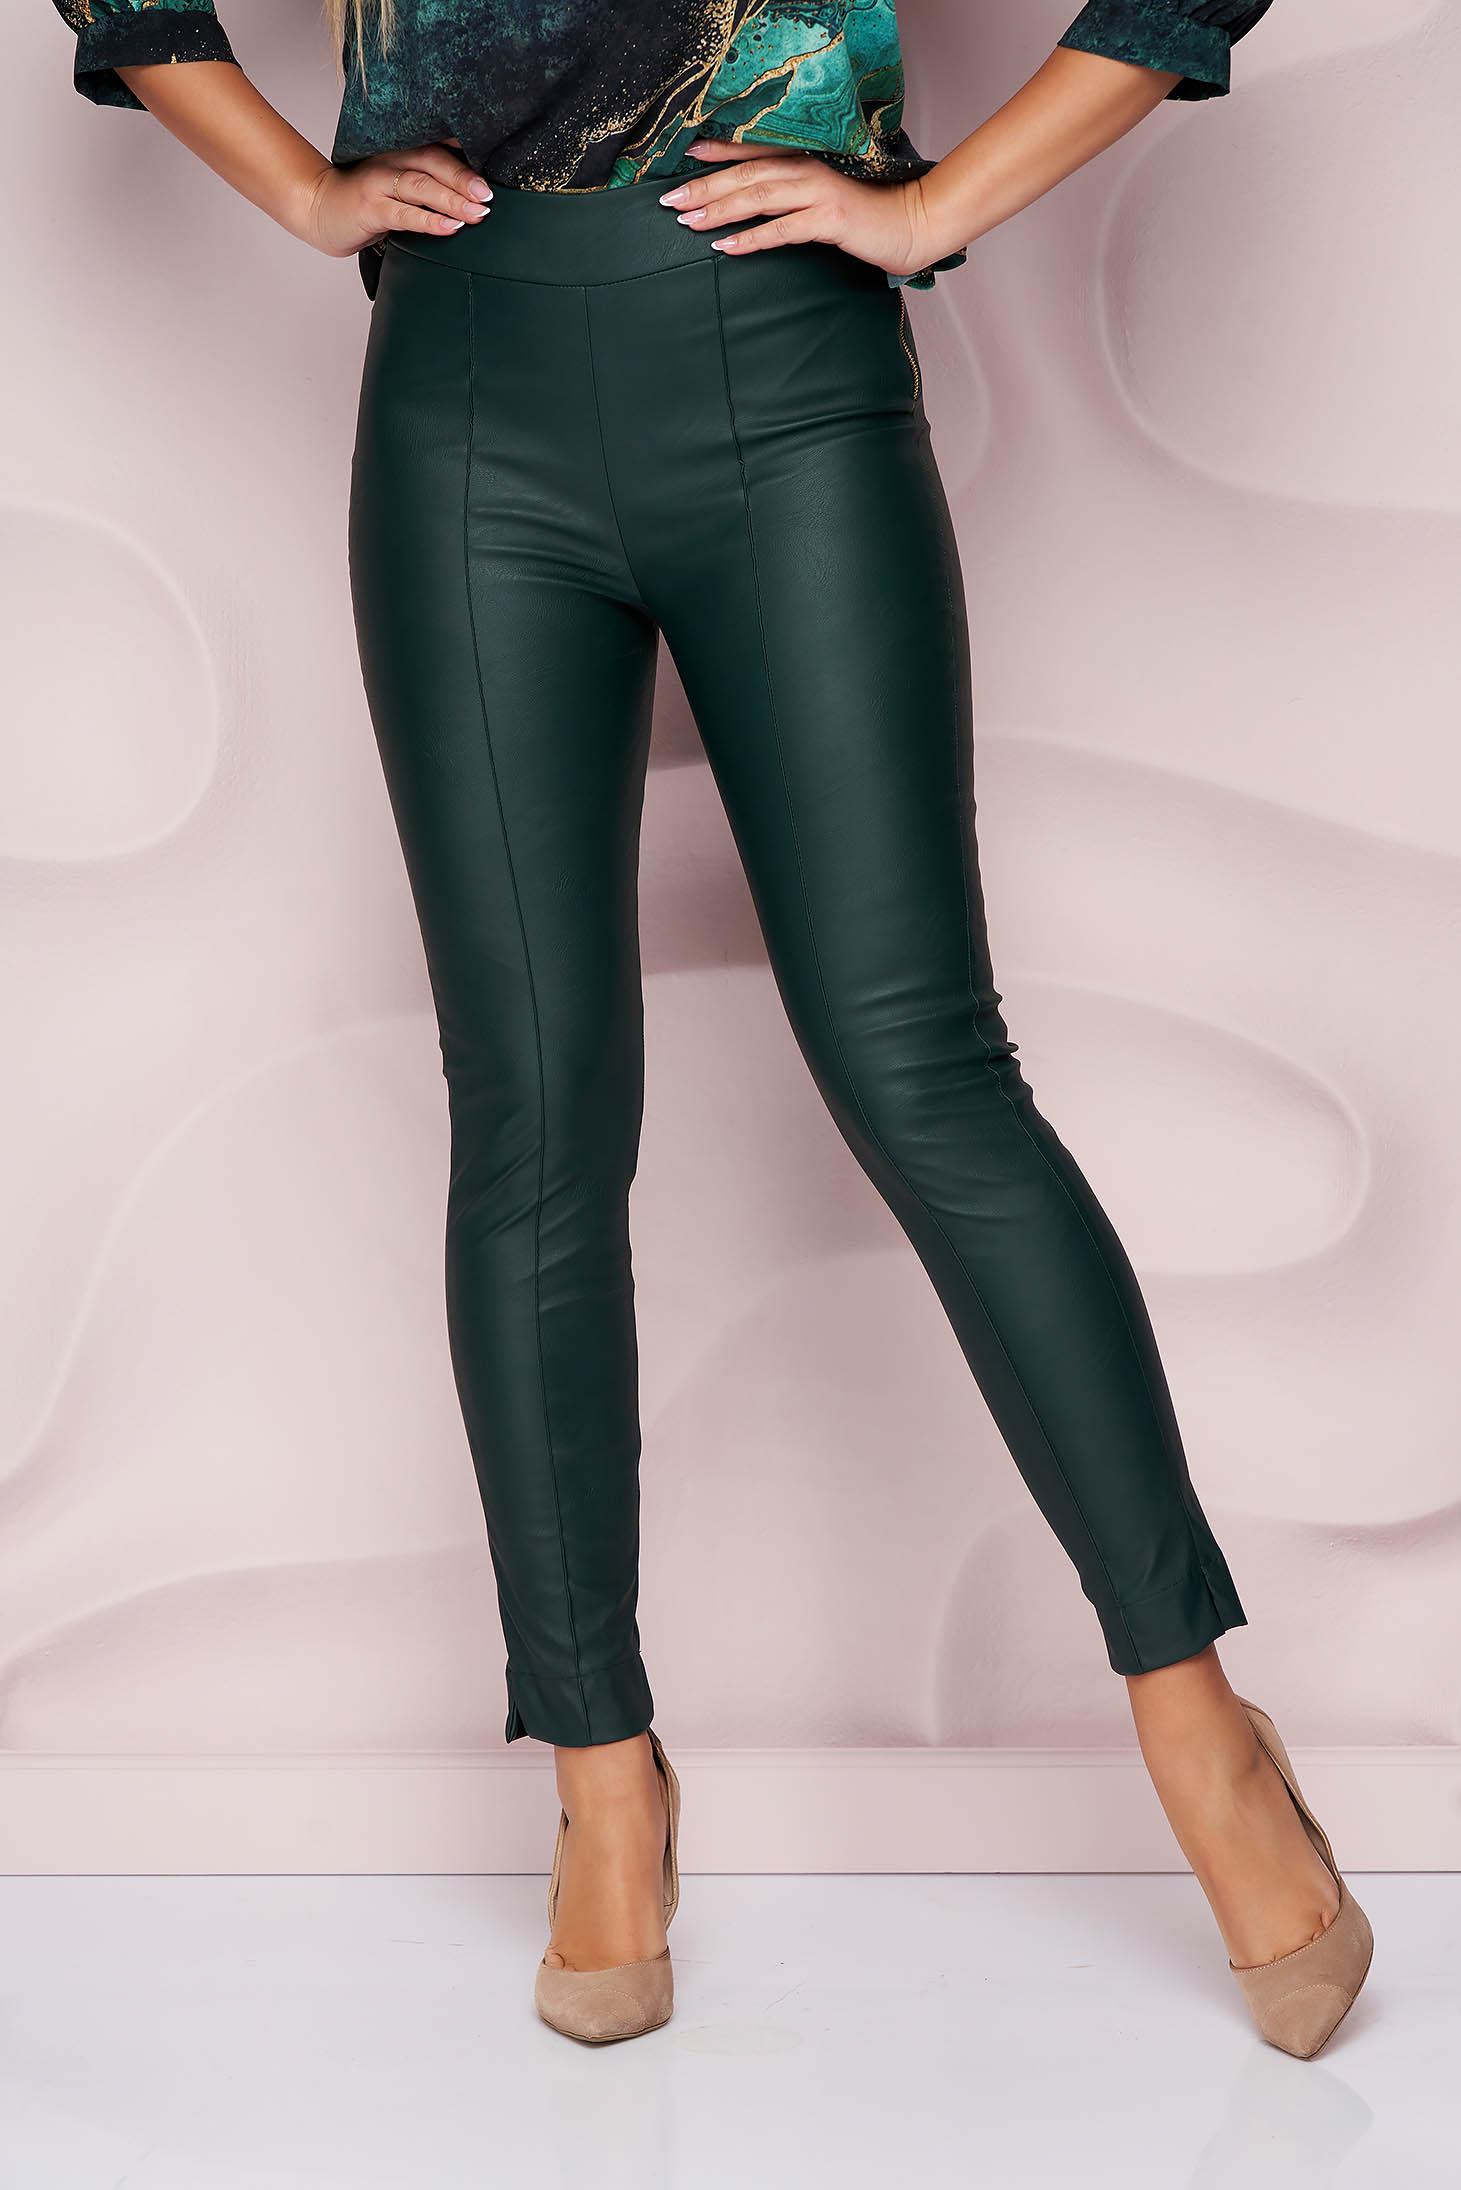 StarShinerS sötétzöld műbőr casual szűk szabású magas derekú oldalt cipzárral zárható nadrág